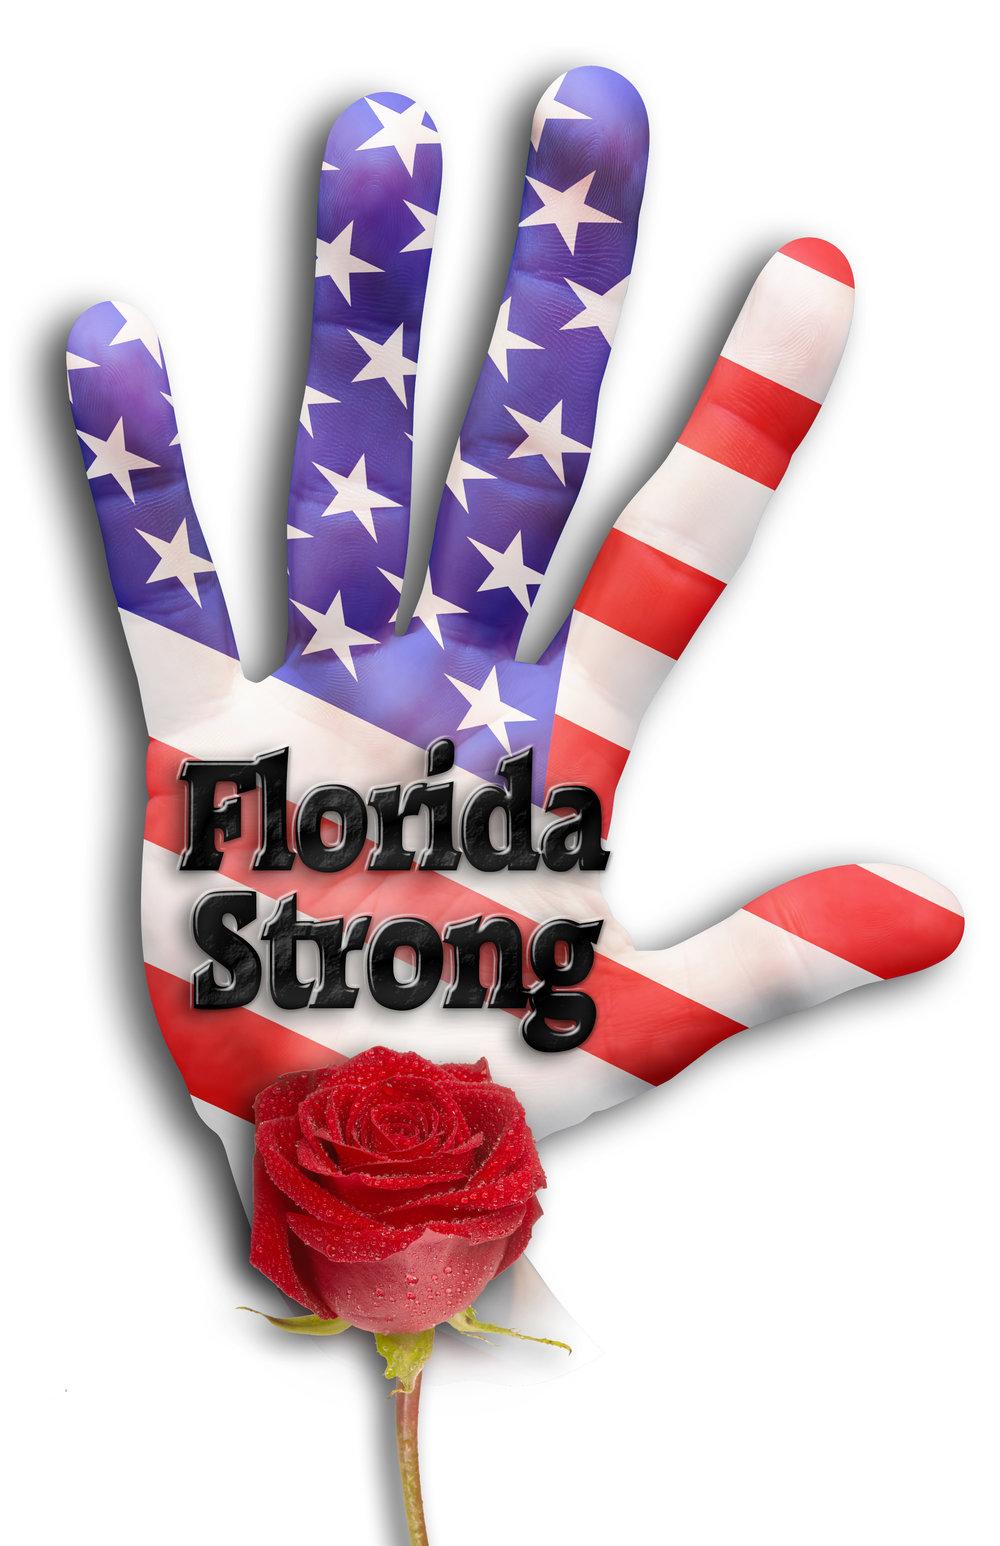 Florida Strong.jpg